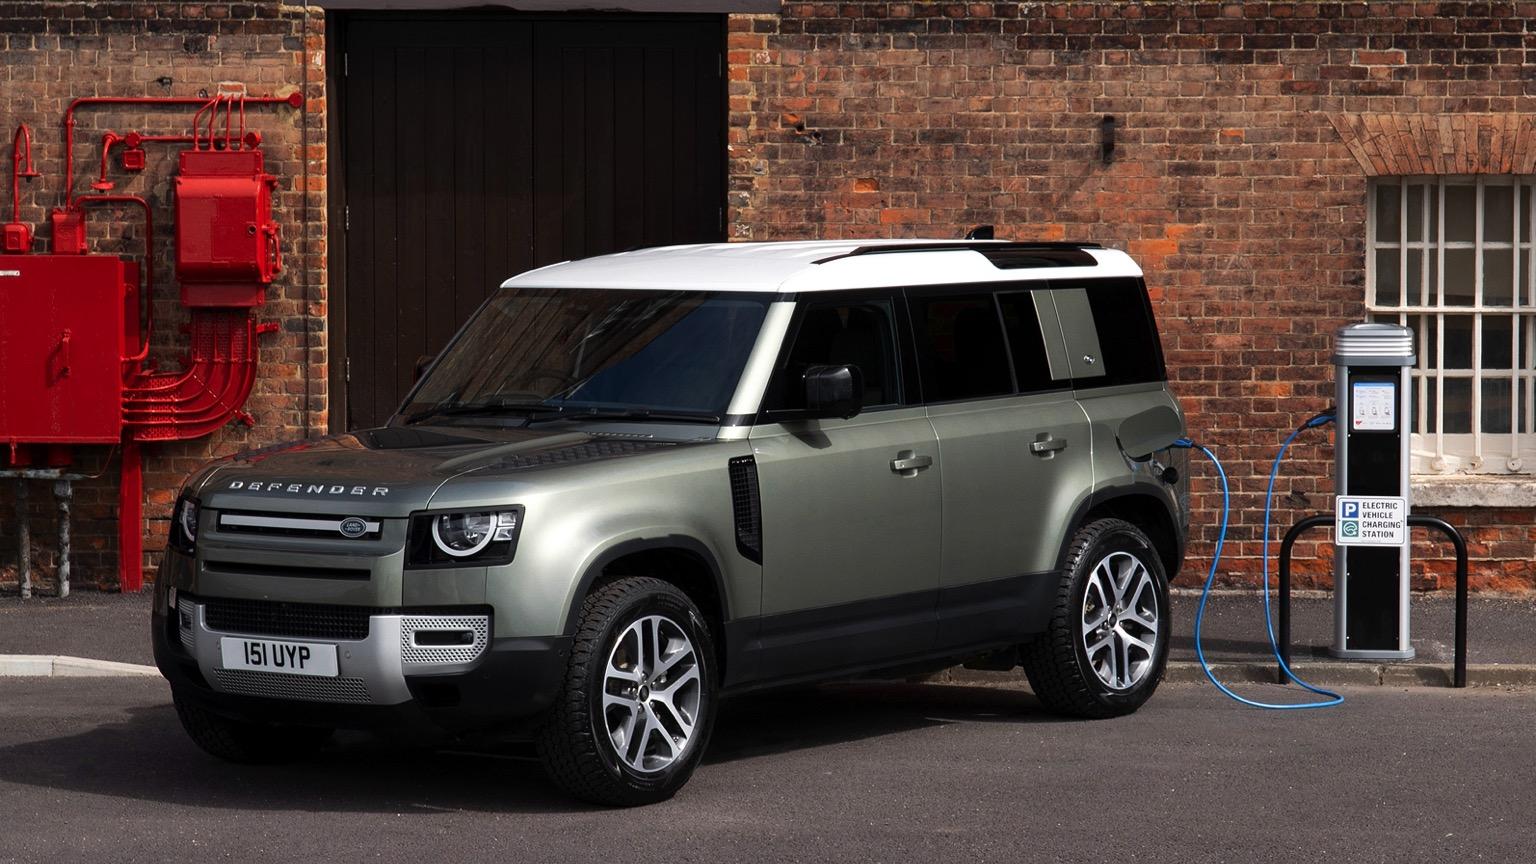 Land Rover Defender 110 P400e PHEV (2020)